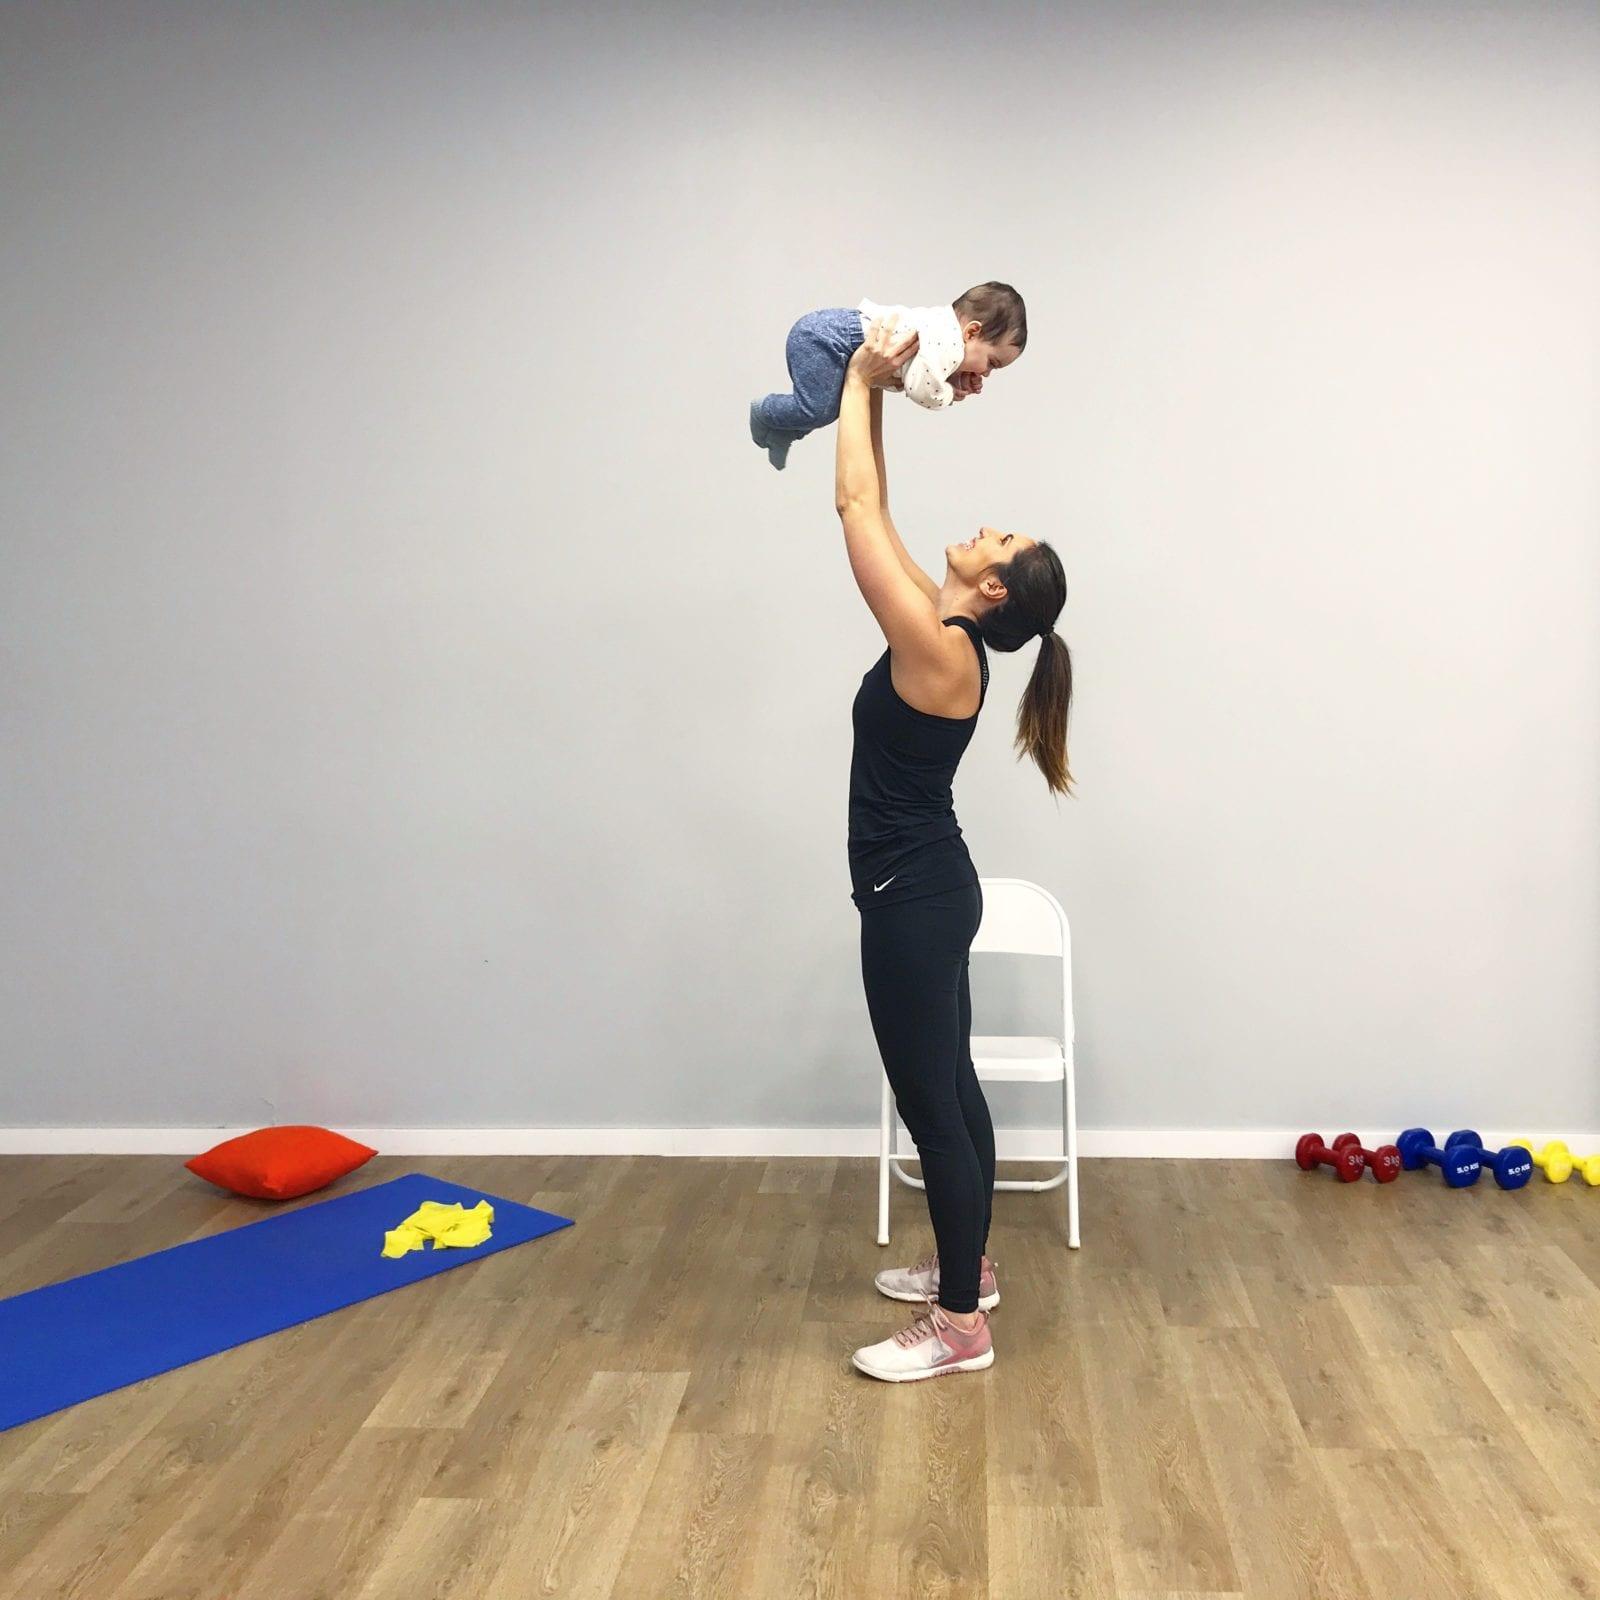 faites du sport pendant votre grossesse pour que bébé une fois né soit en meilleure santé